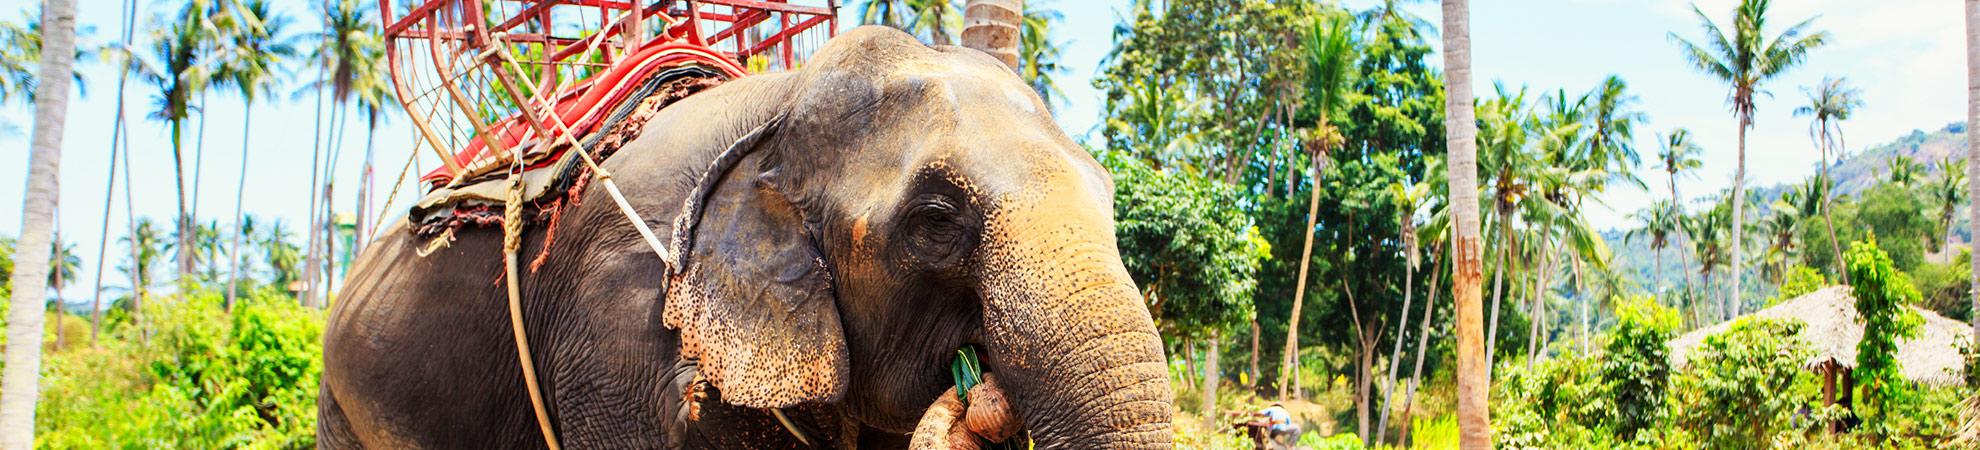 Balade à dos d'éléphant au Cambodge